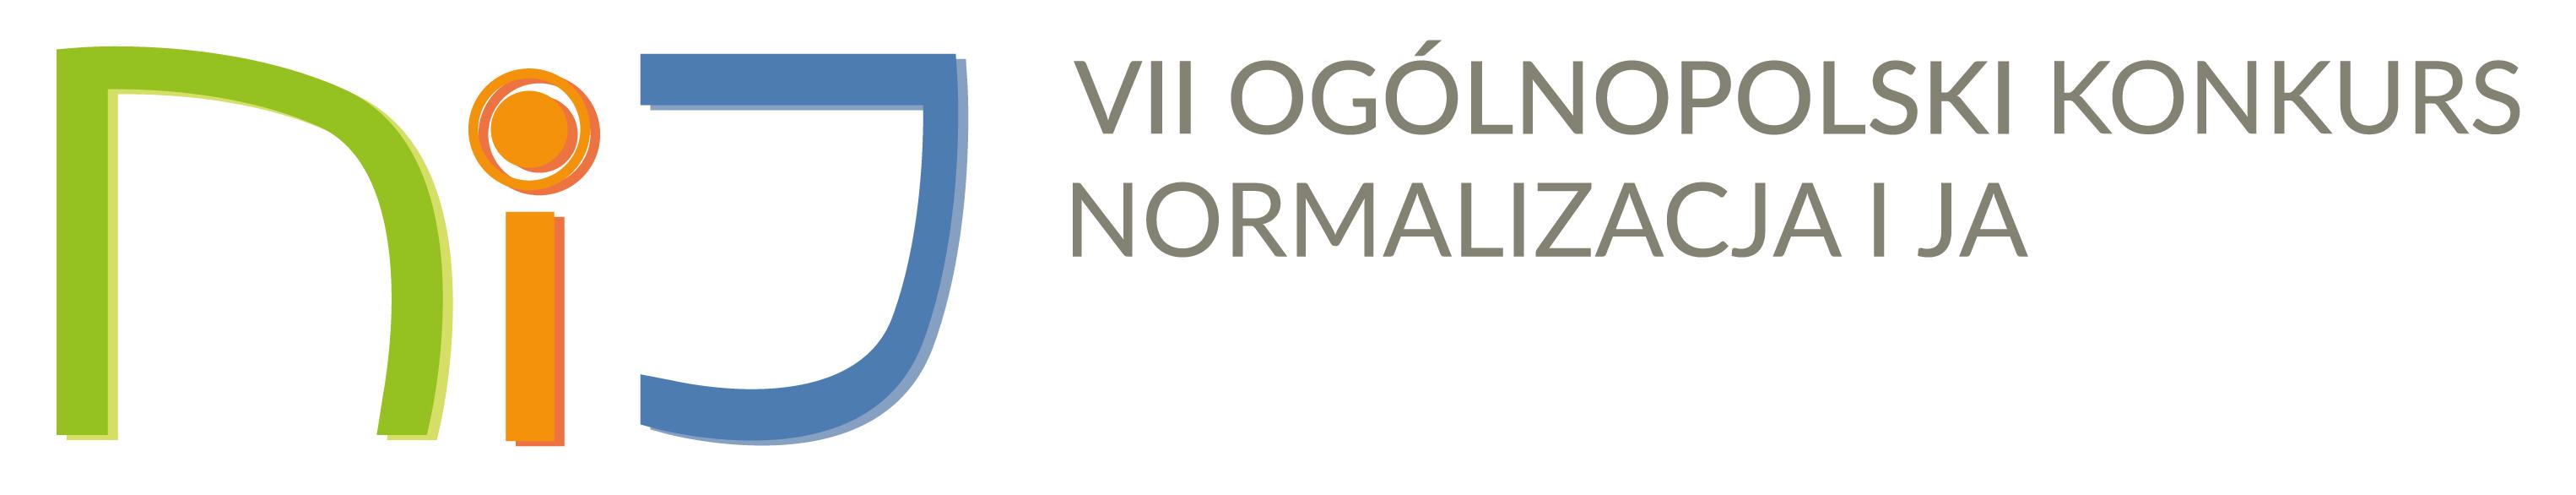 Logo konkursu Normalizacja i Ja